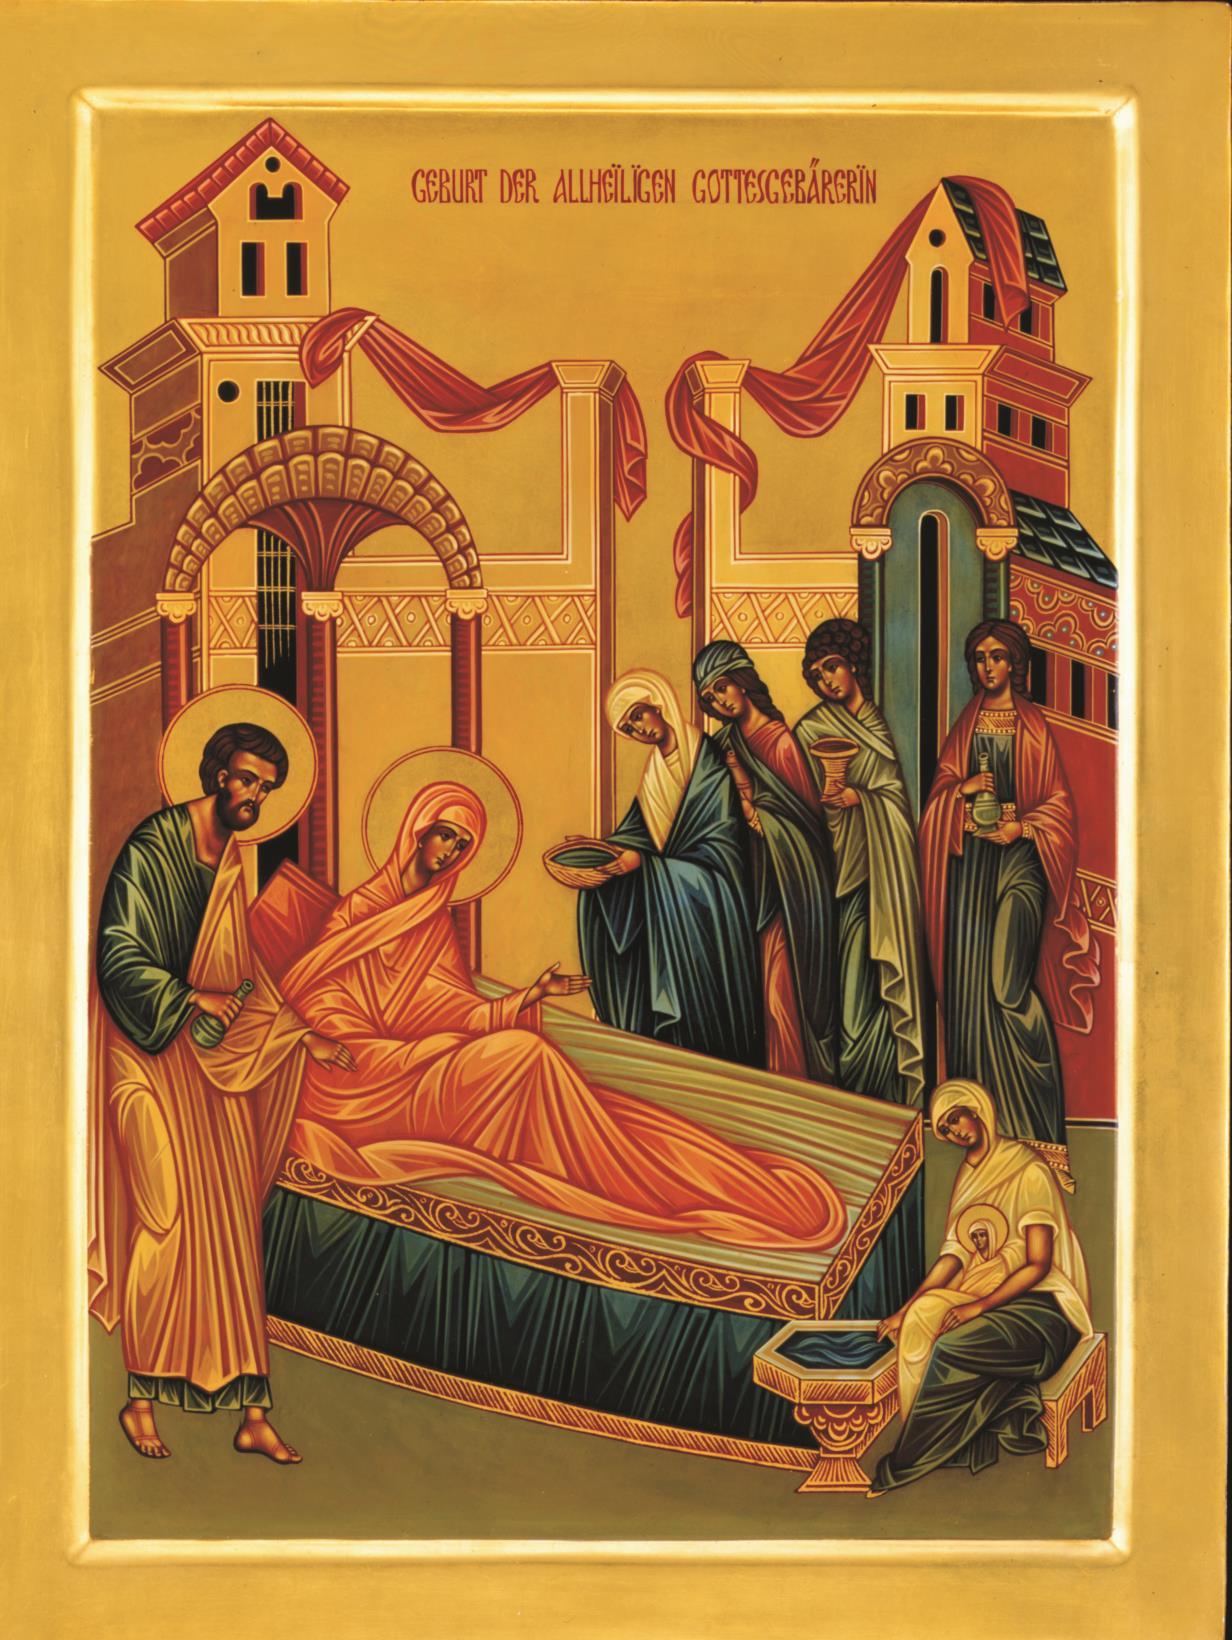 Geburt der Gottesgebärerin